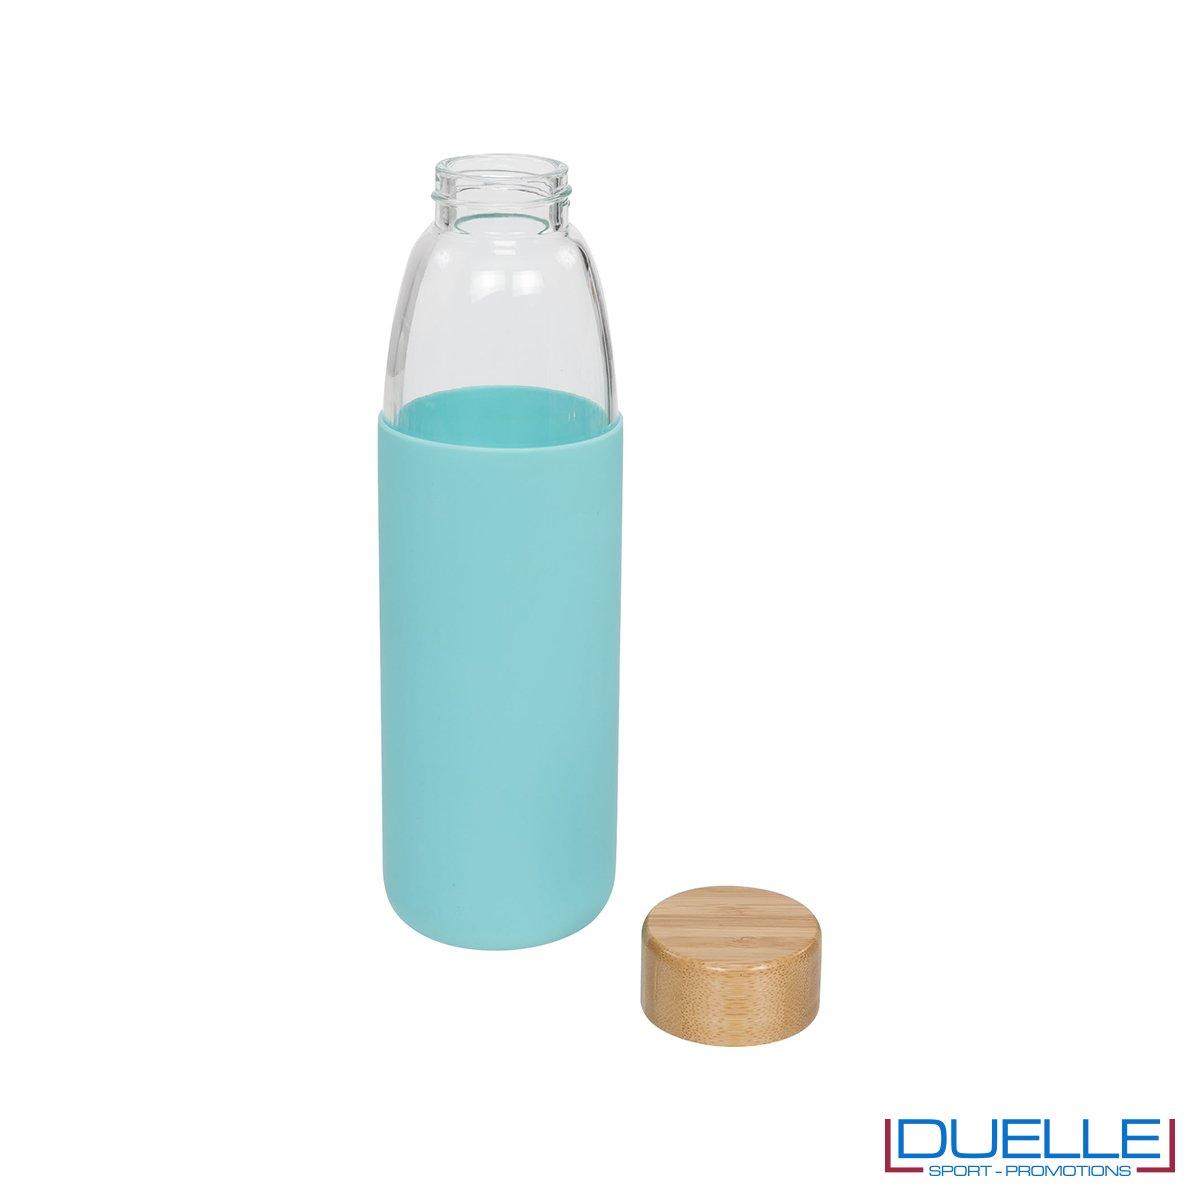 Borraccia vetro con tappo in legno e cover in silicone personalizzata con incisione laser